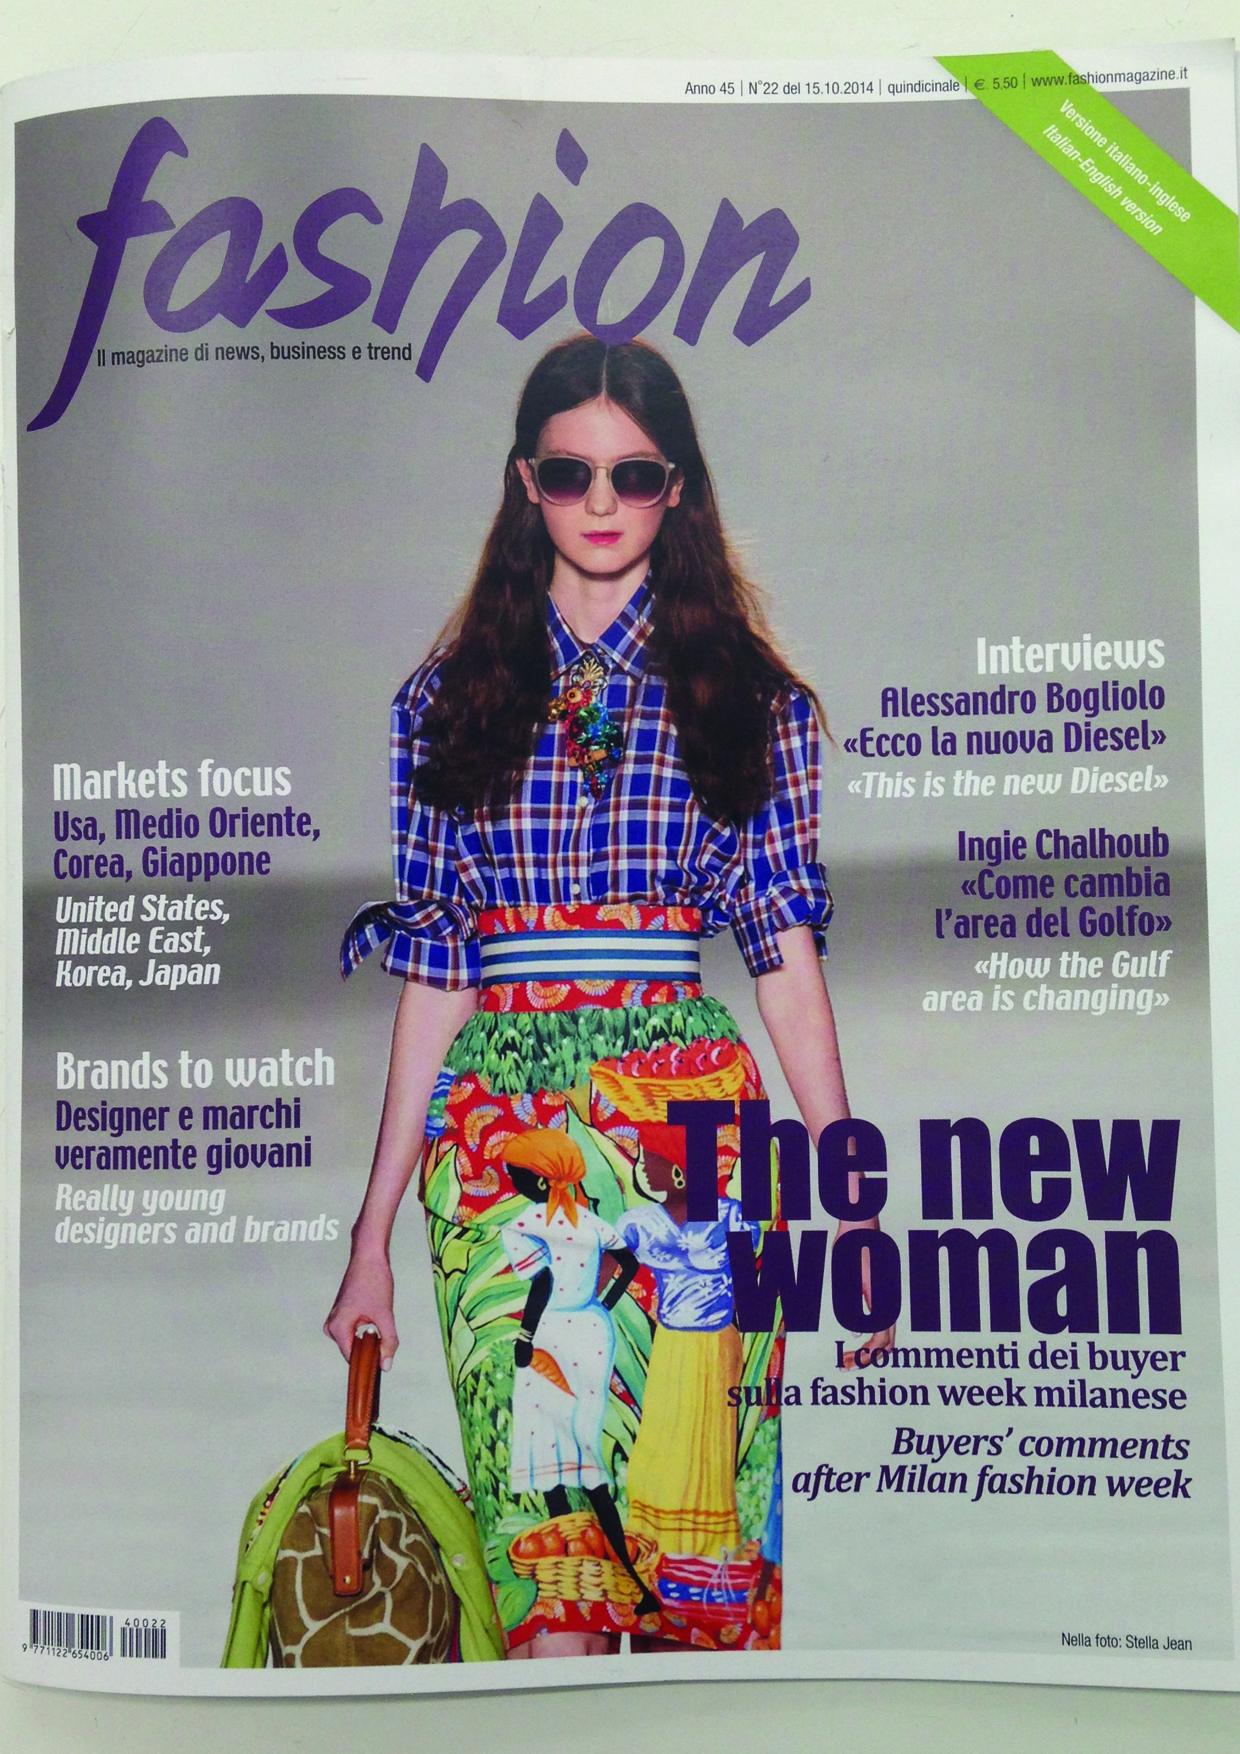 AntPitagora - The New Woman - Fashion Magazine -